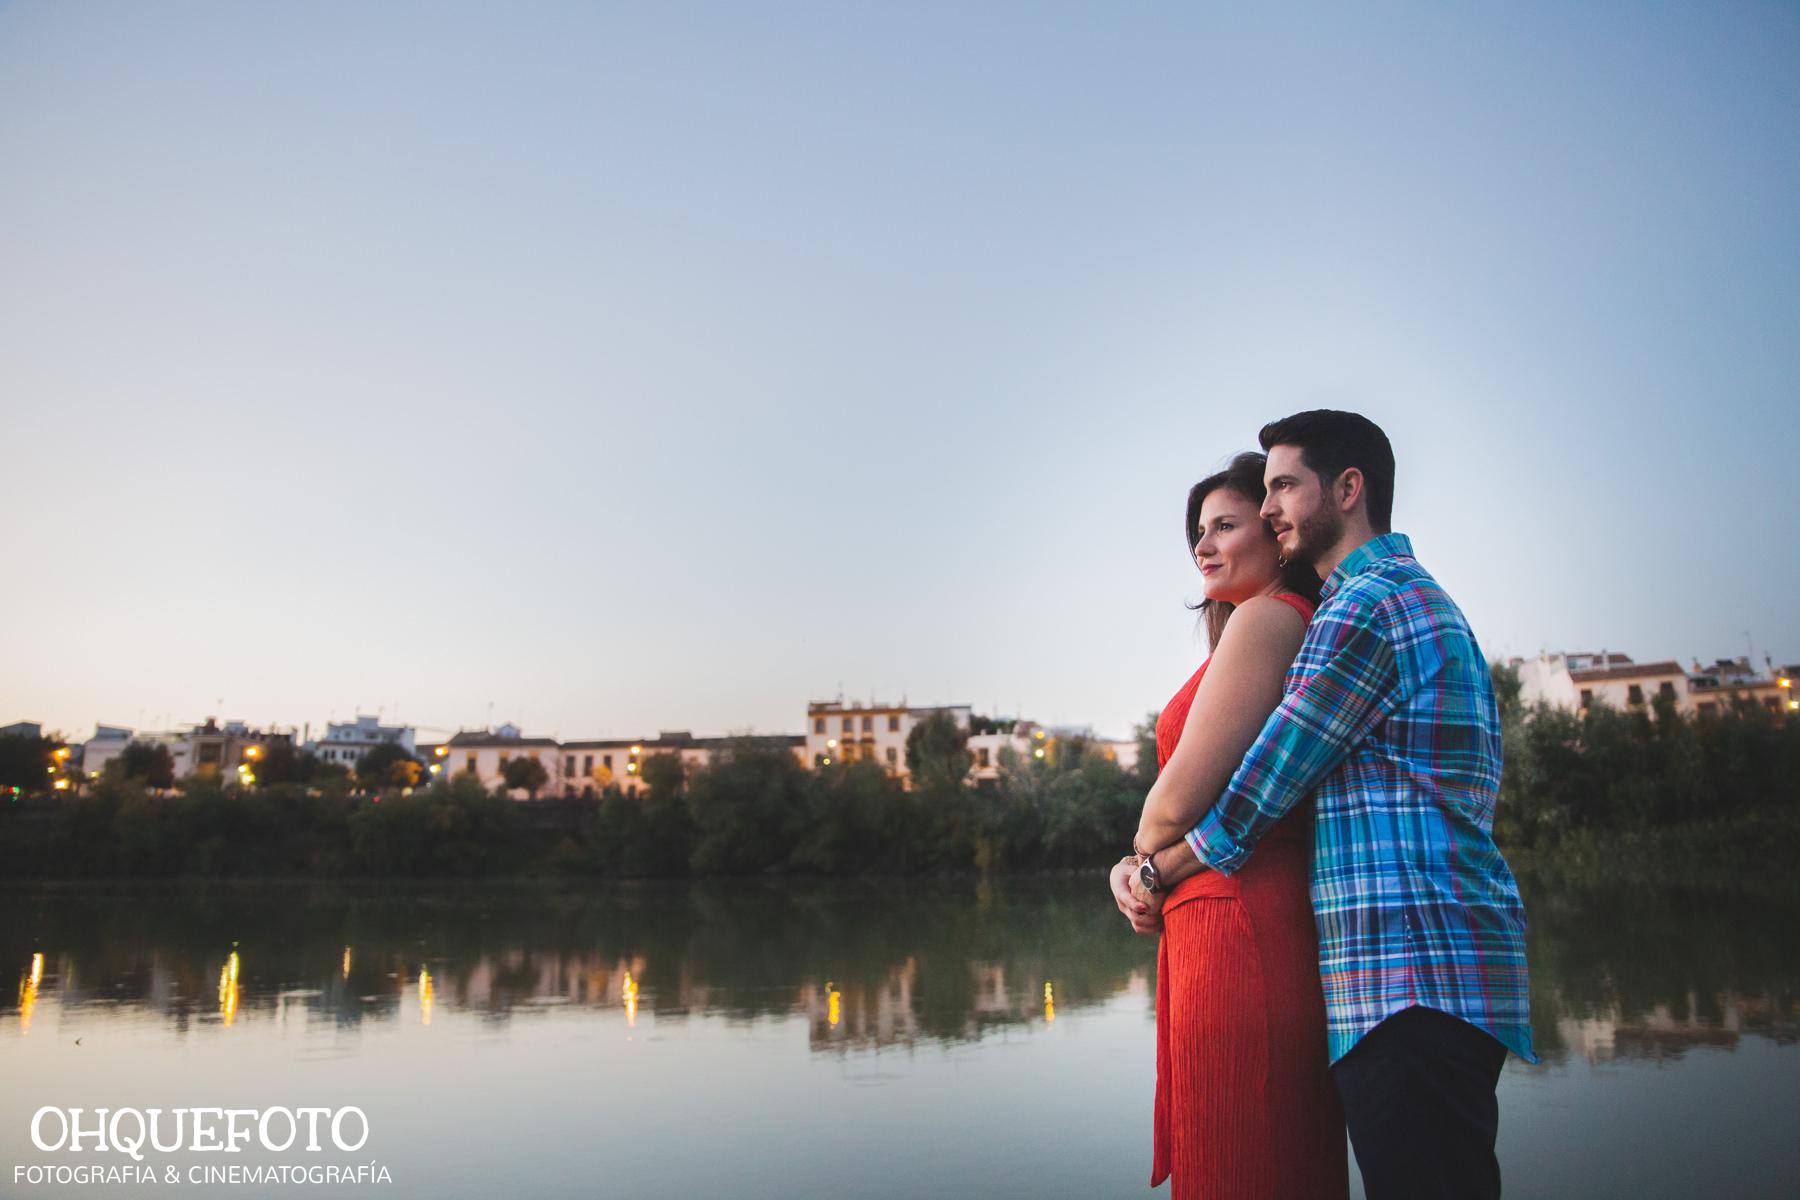 reportaje de preboda en cordoba ohquefoto fotos de boda en la mezquita de cordoba video de boda387 - Preboda en Córdoba de Roberto y Ana Belén